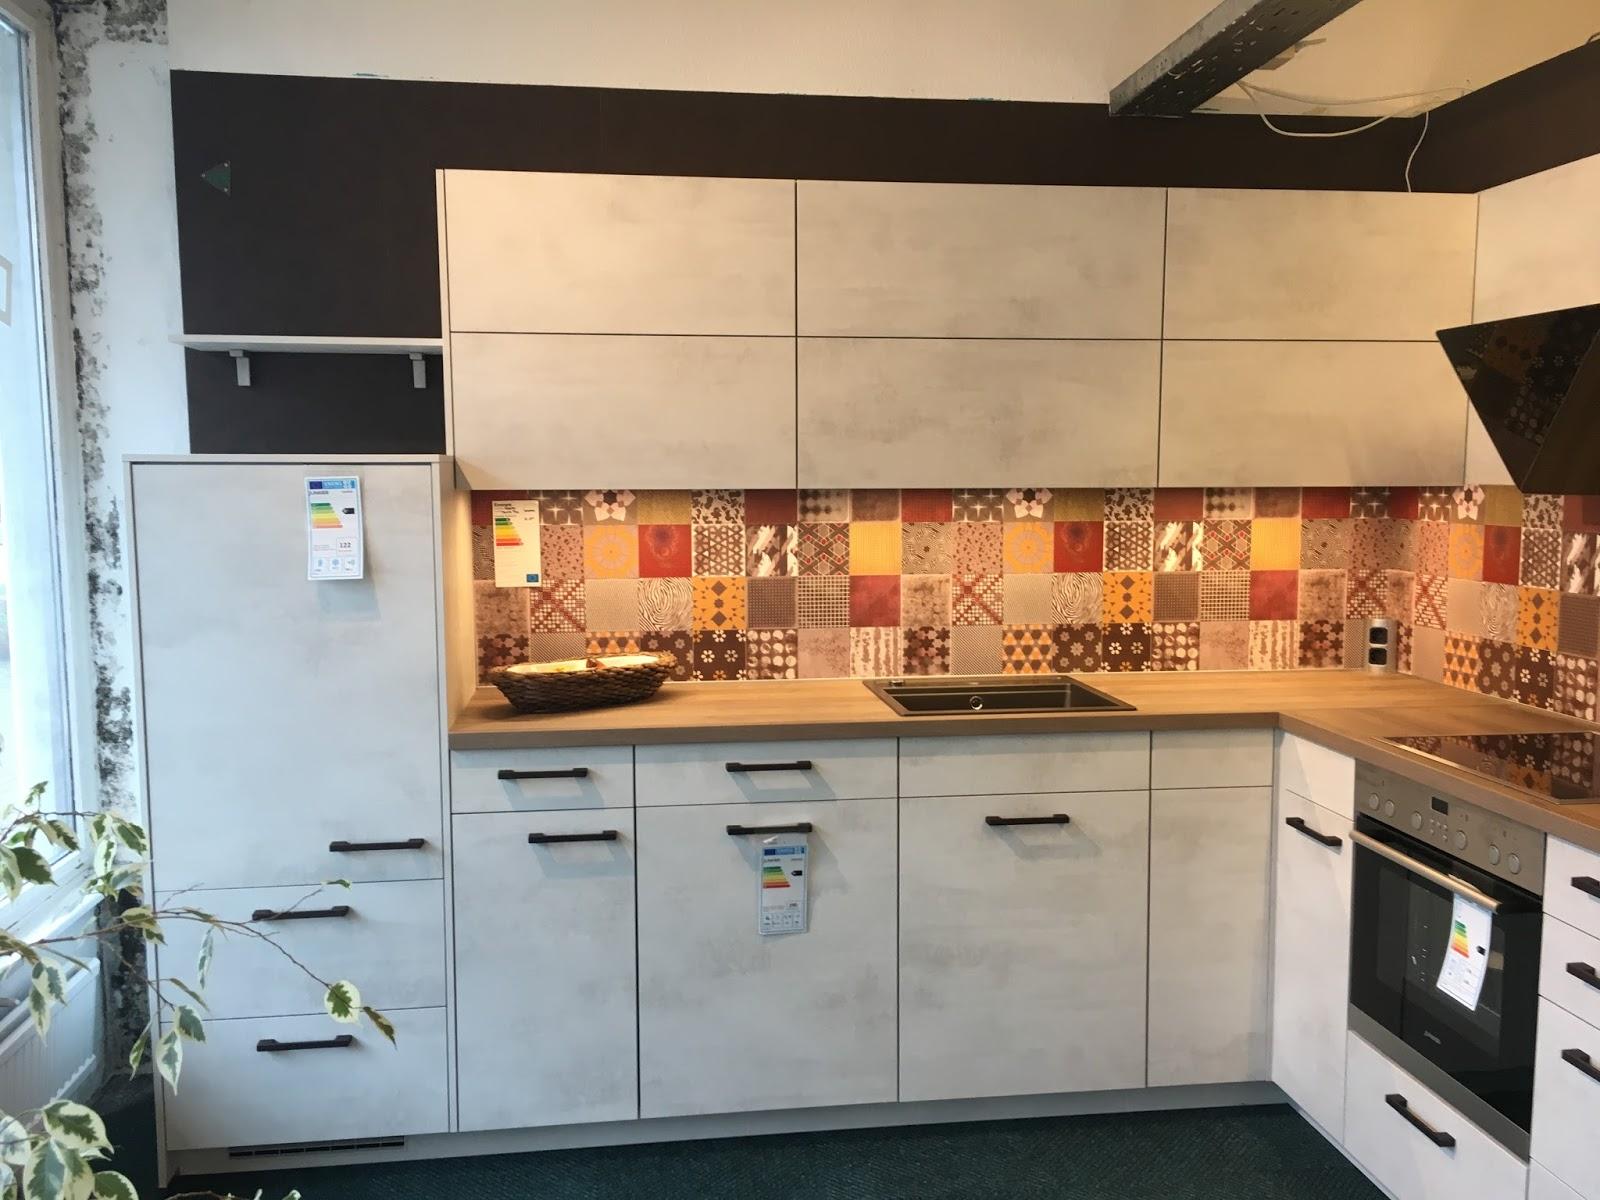 Nischenplatte Küche | küchenschrank glastür | badmöbel hängeschrank ...